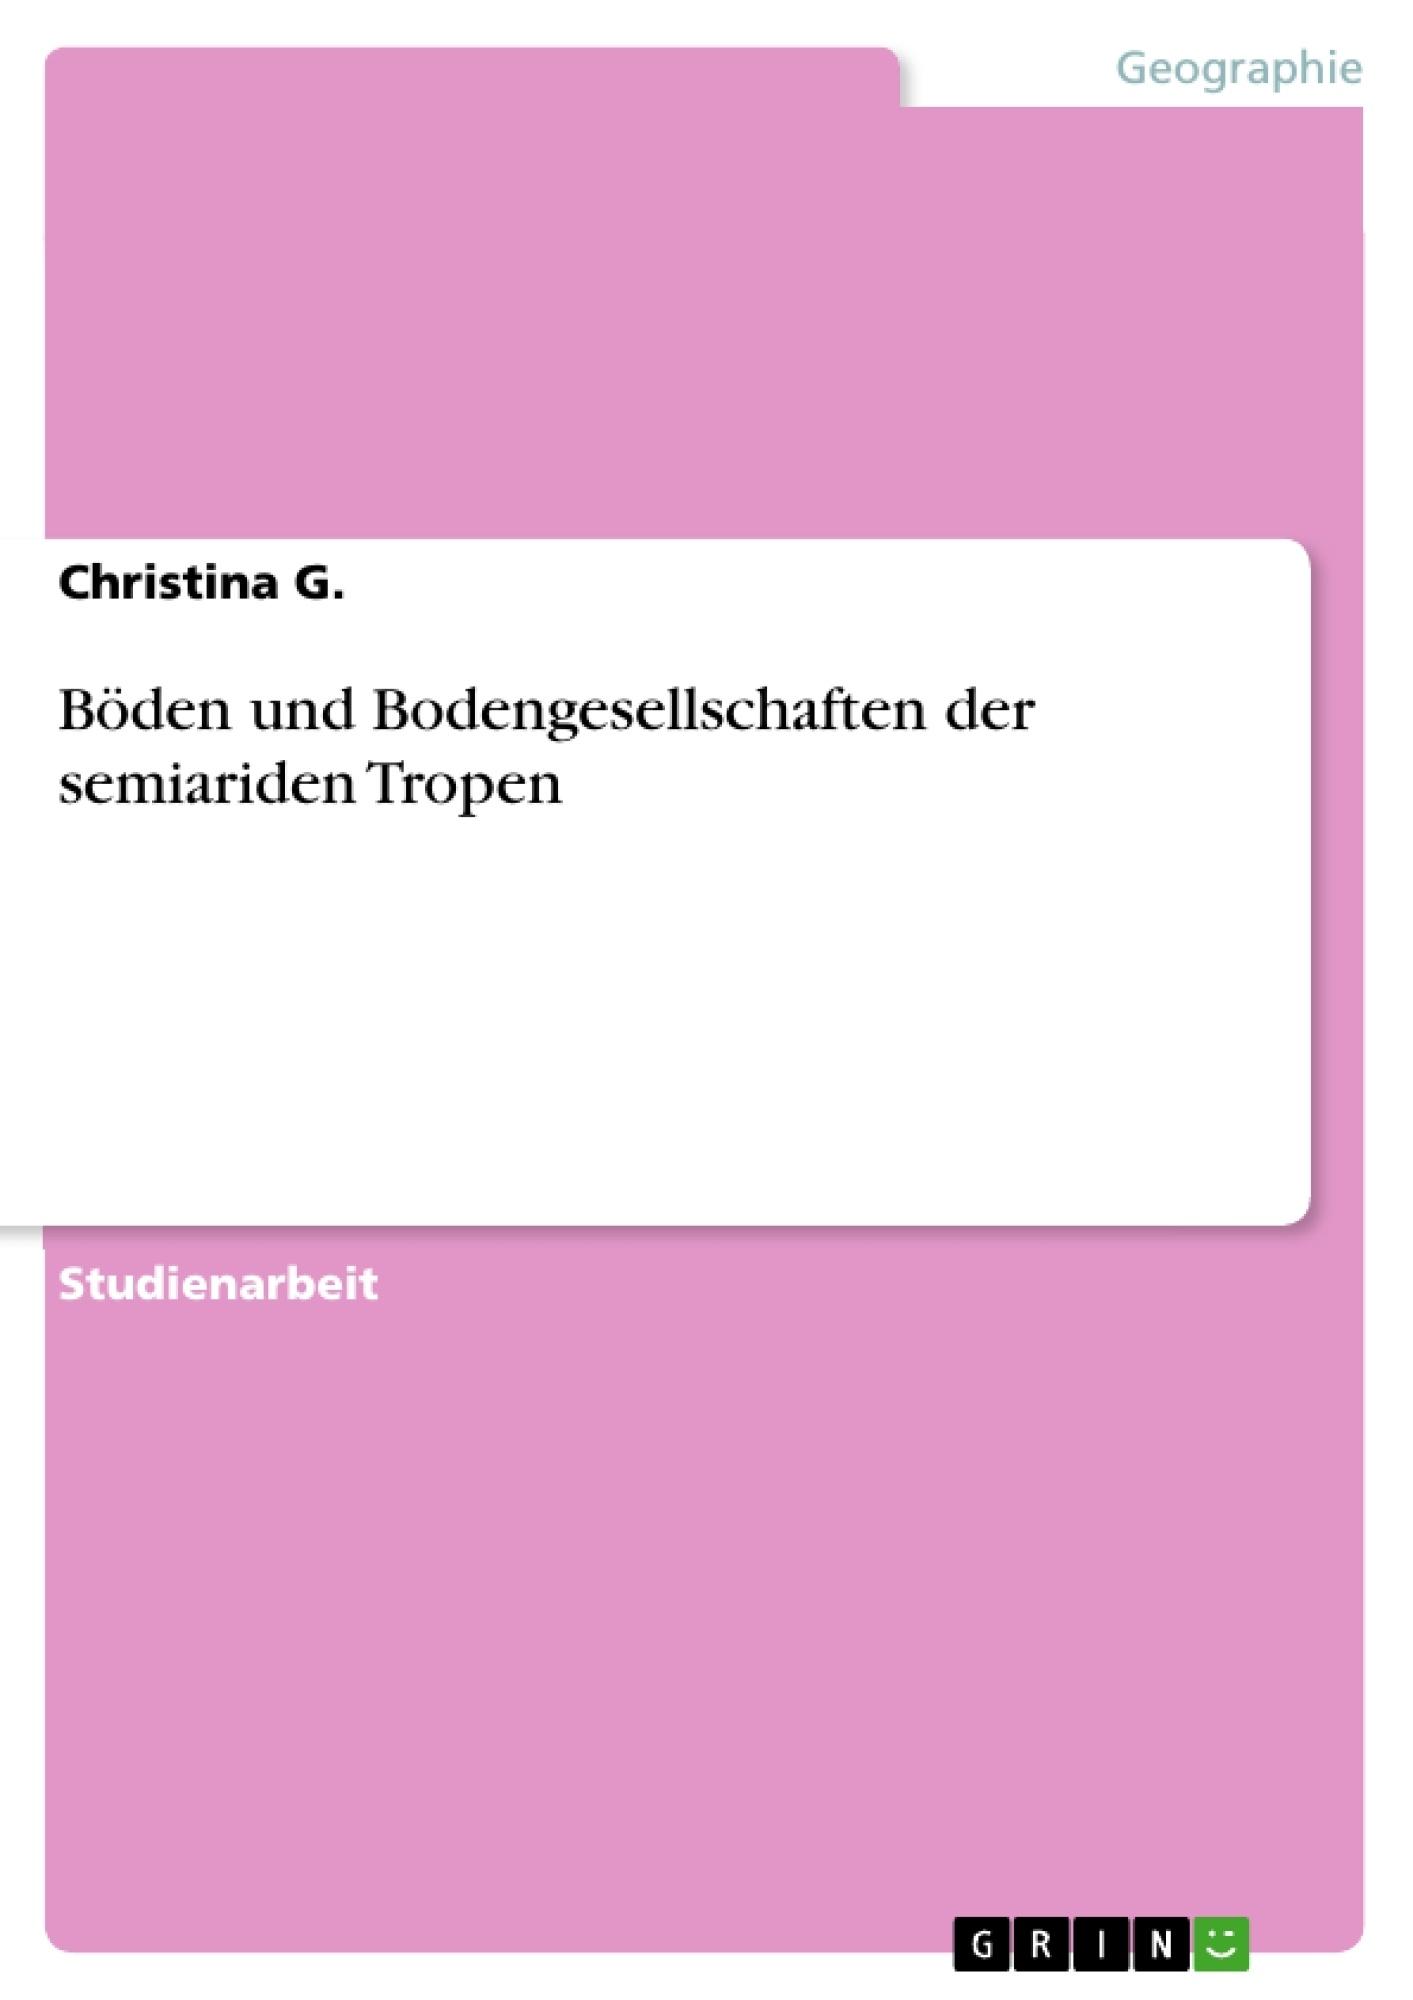 Titel: Böden und Bodengesellschaften der semiariden Tropen